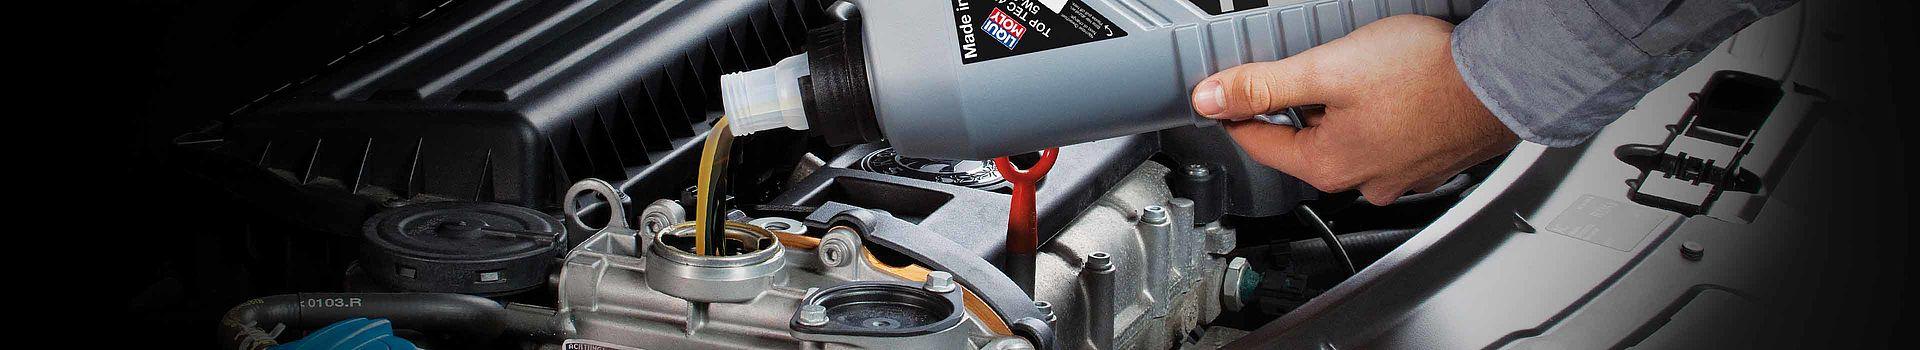 Einkippen des LIQUI MOLY Motoröls in den Motorölbehälter des Fahrzeuges.